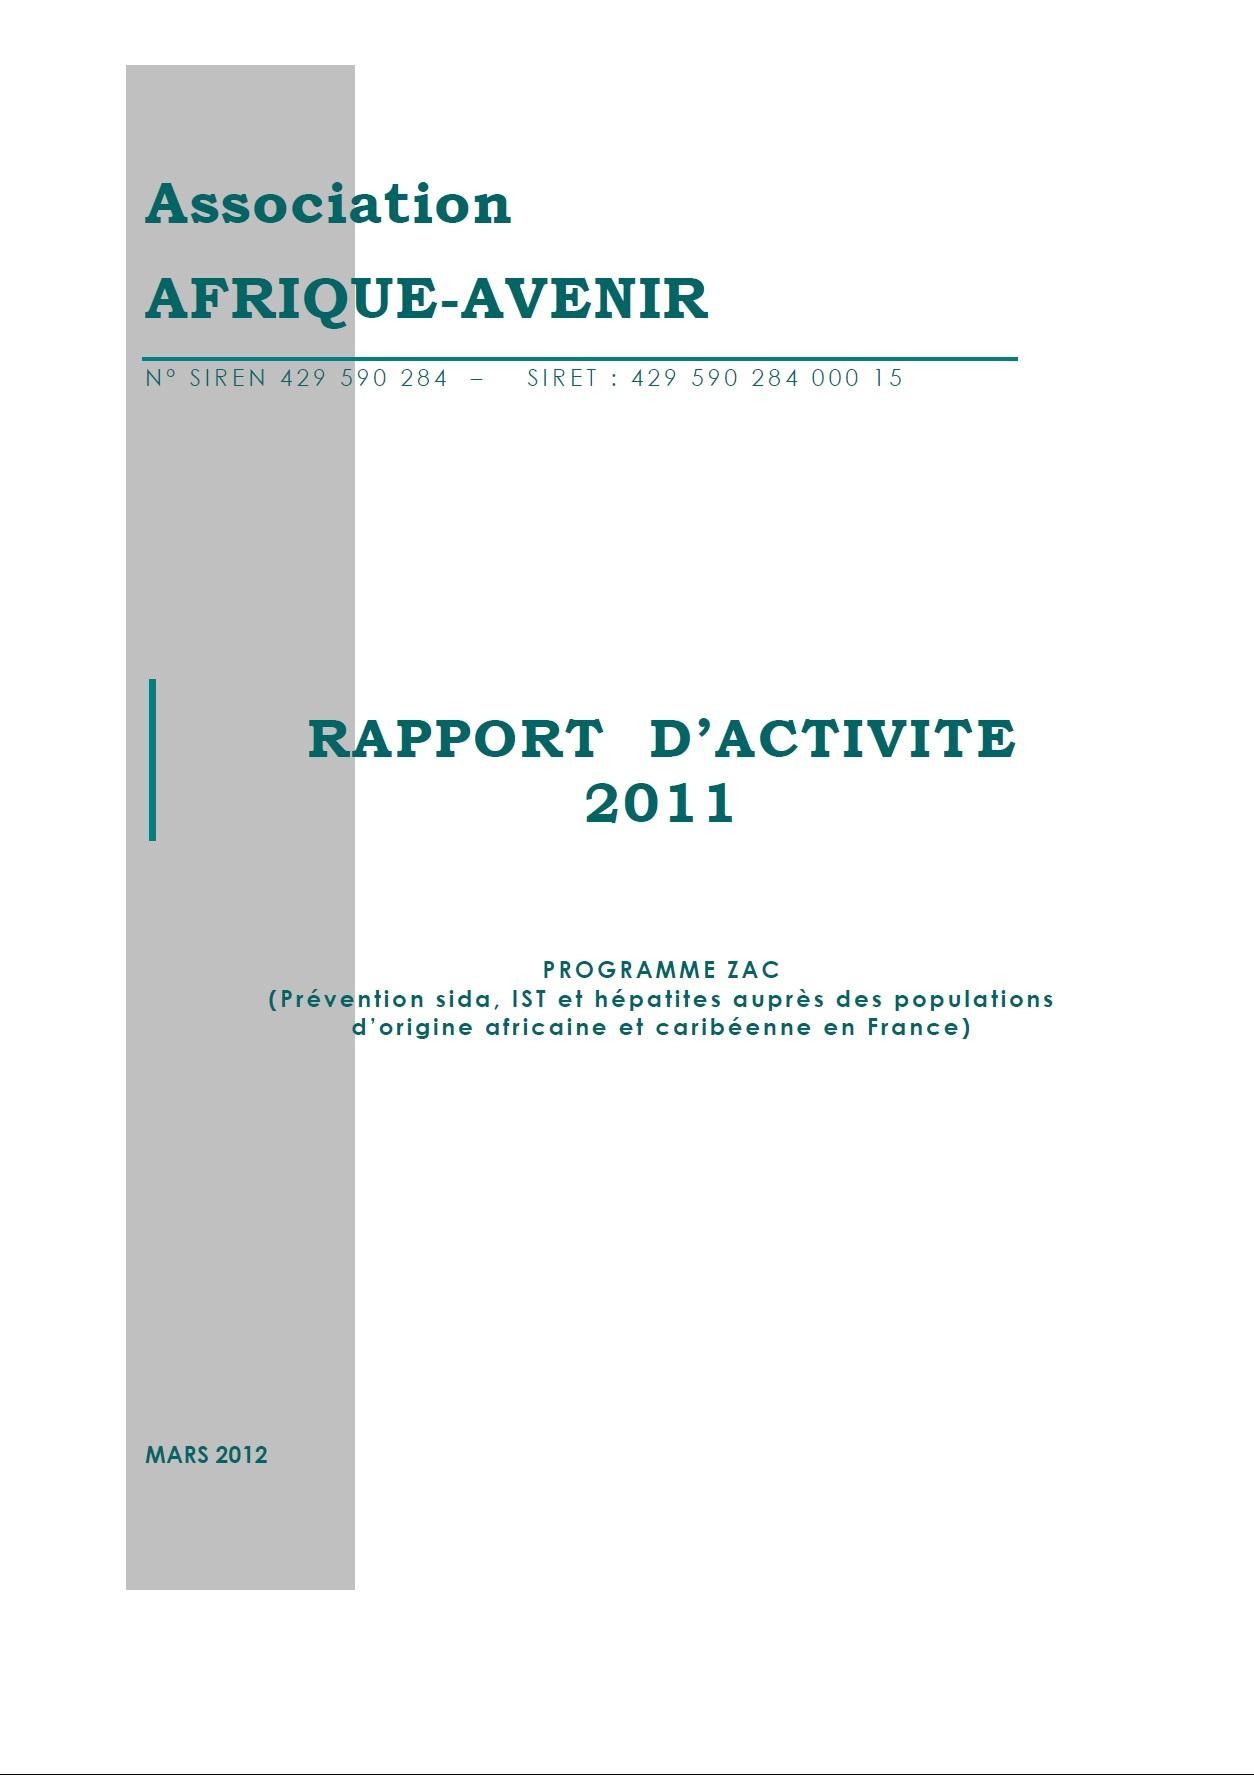 RAPPORT D'ACTIVITE 2011